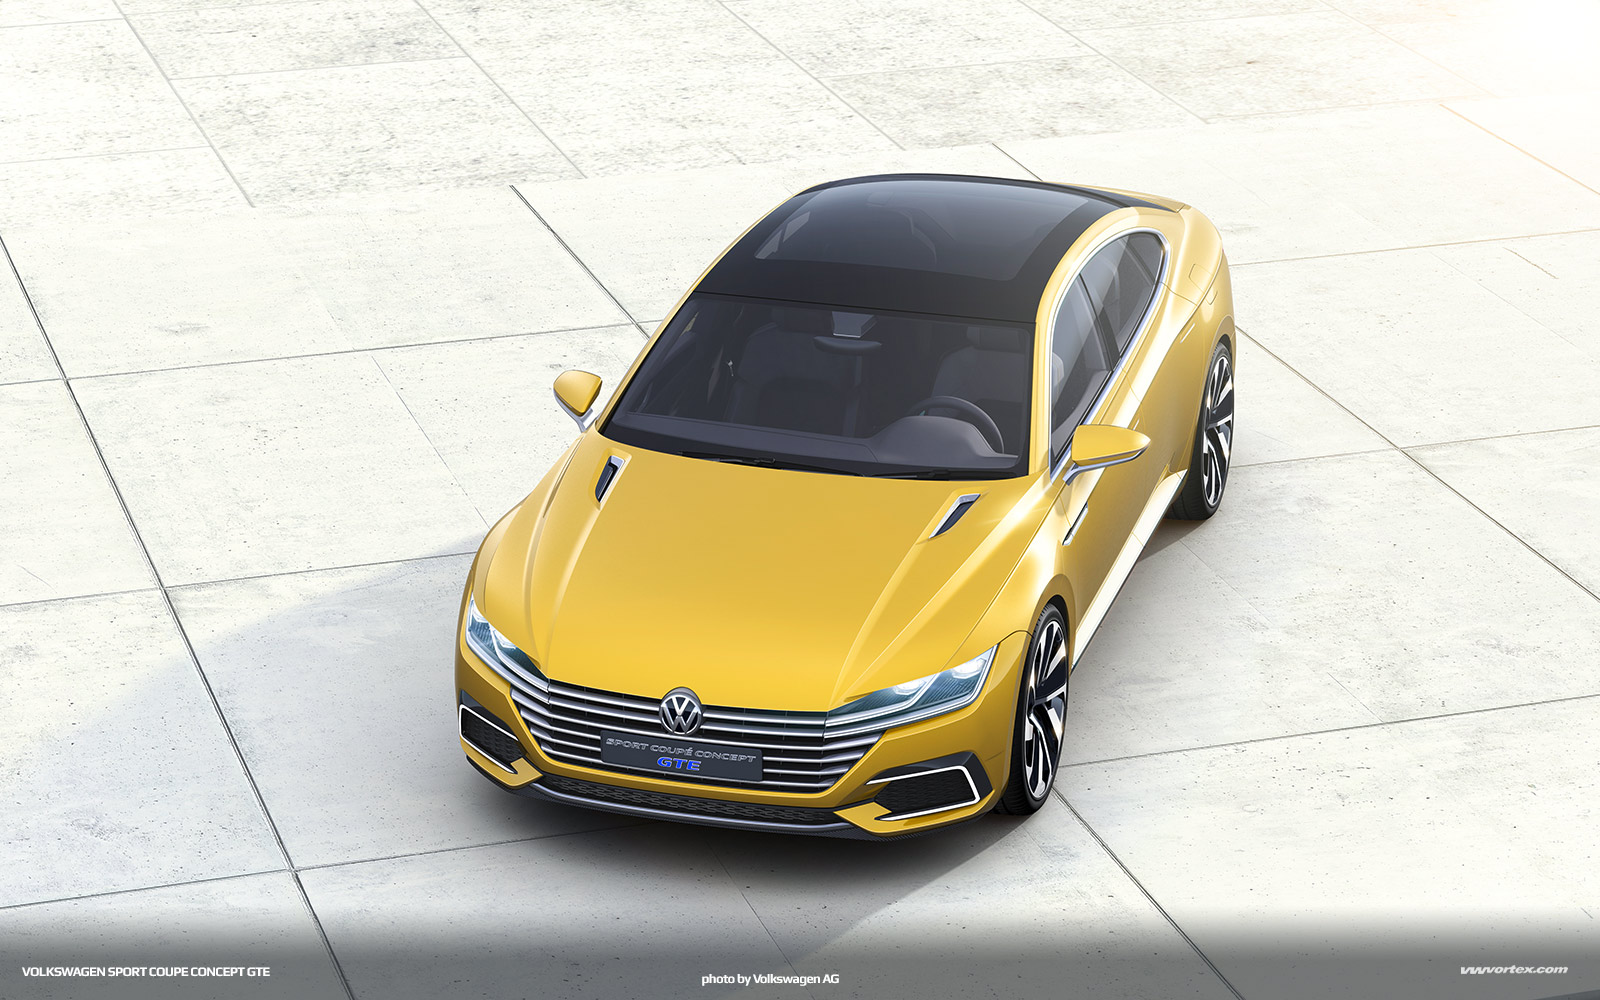 VW_Sport_Coupe_Concept_GTE_EXT_008_03